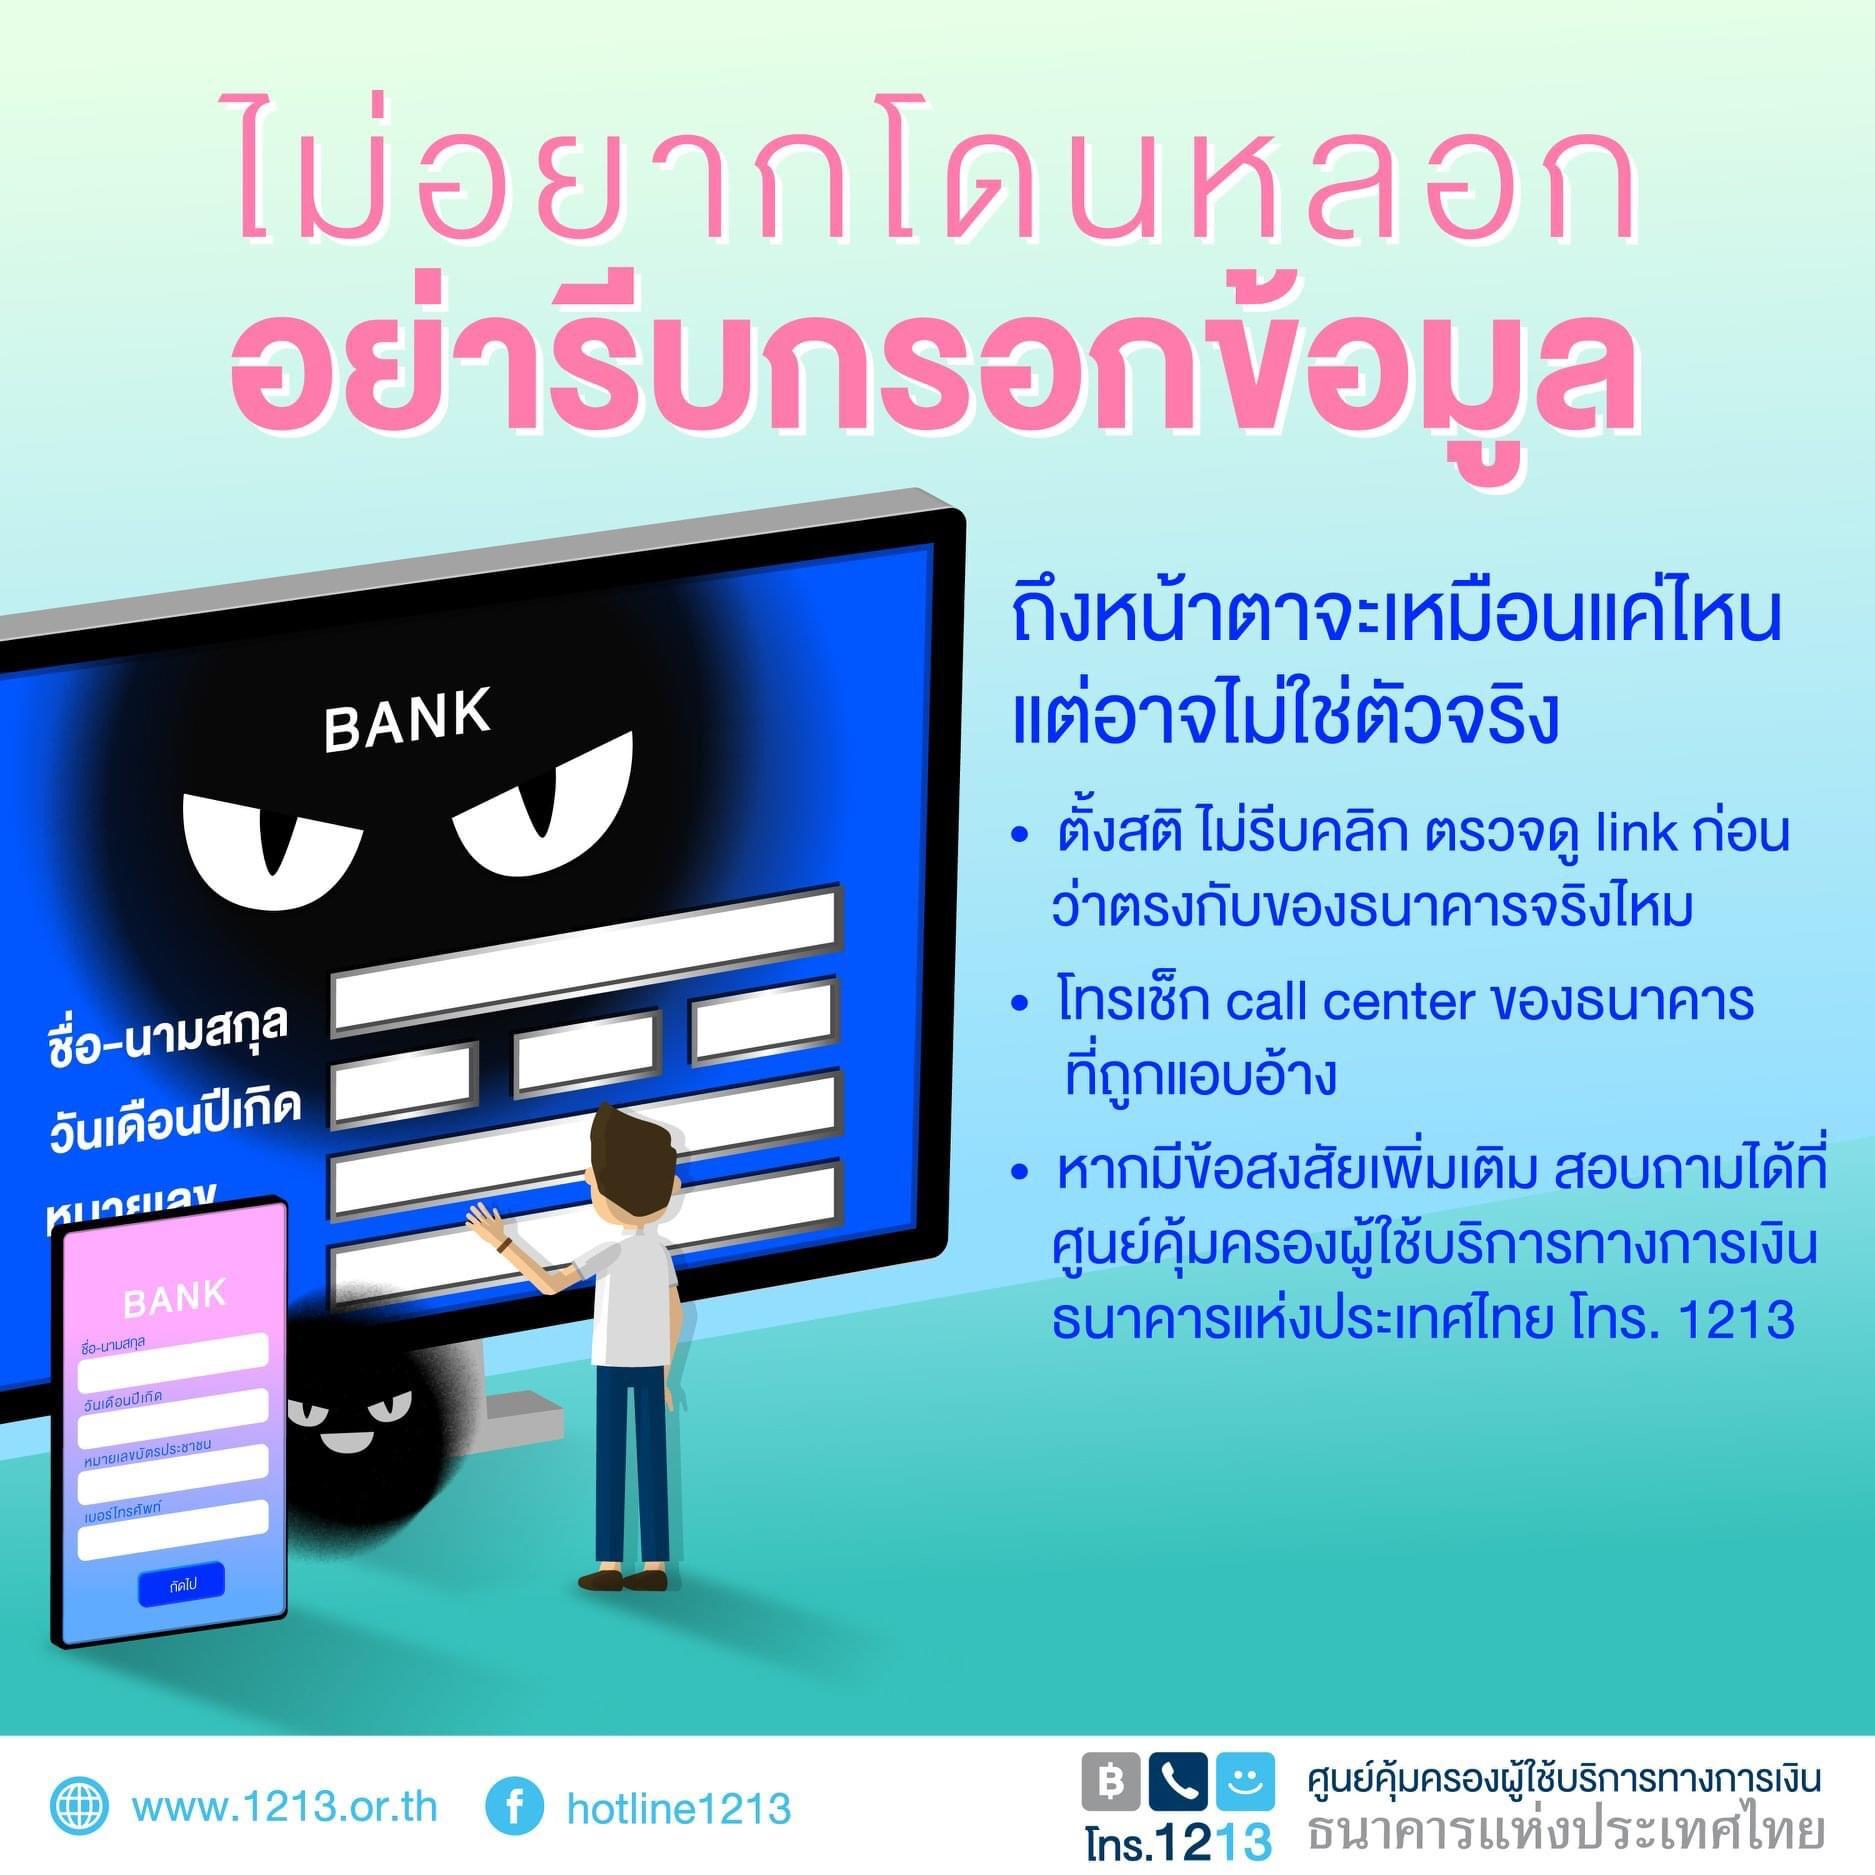 ระวัง SMS ปลอม มีลิงก์ไปเว็บไซต์ปลอม